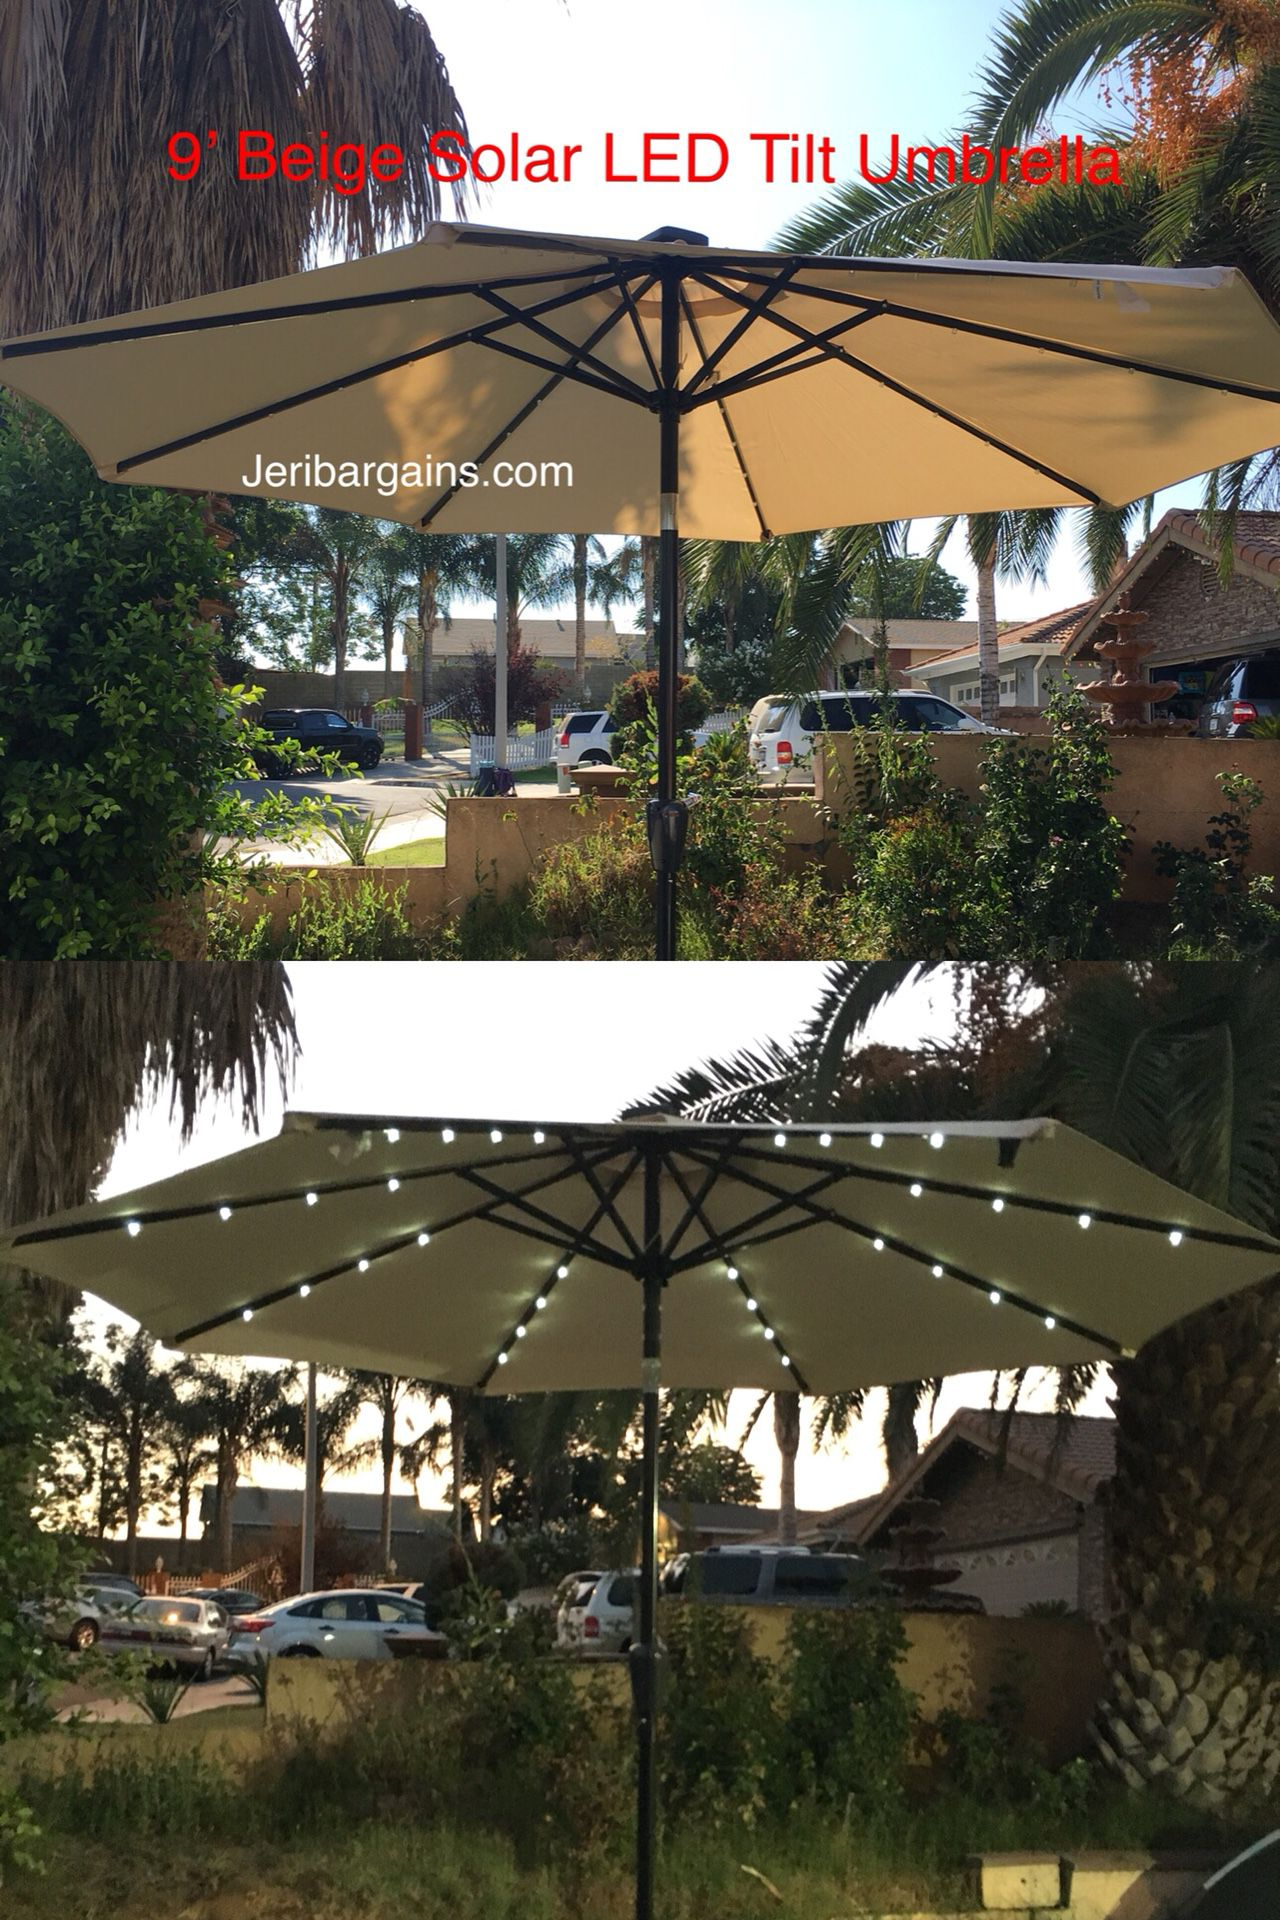 New 9' Beige Solar Led Tilt Umbrella BASE NOT INCLUDED